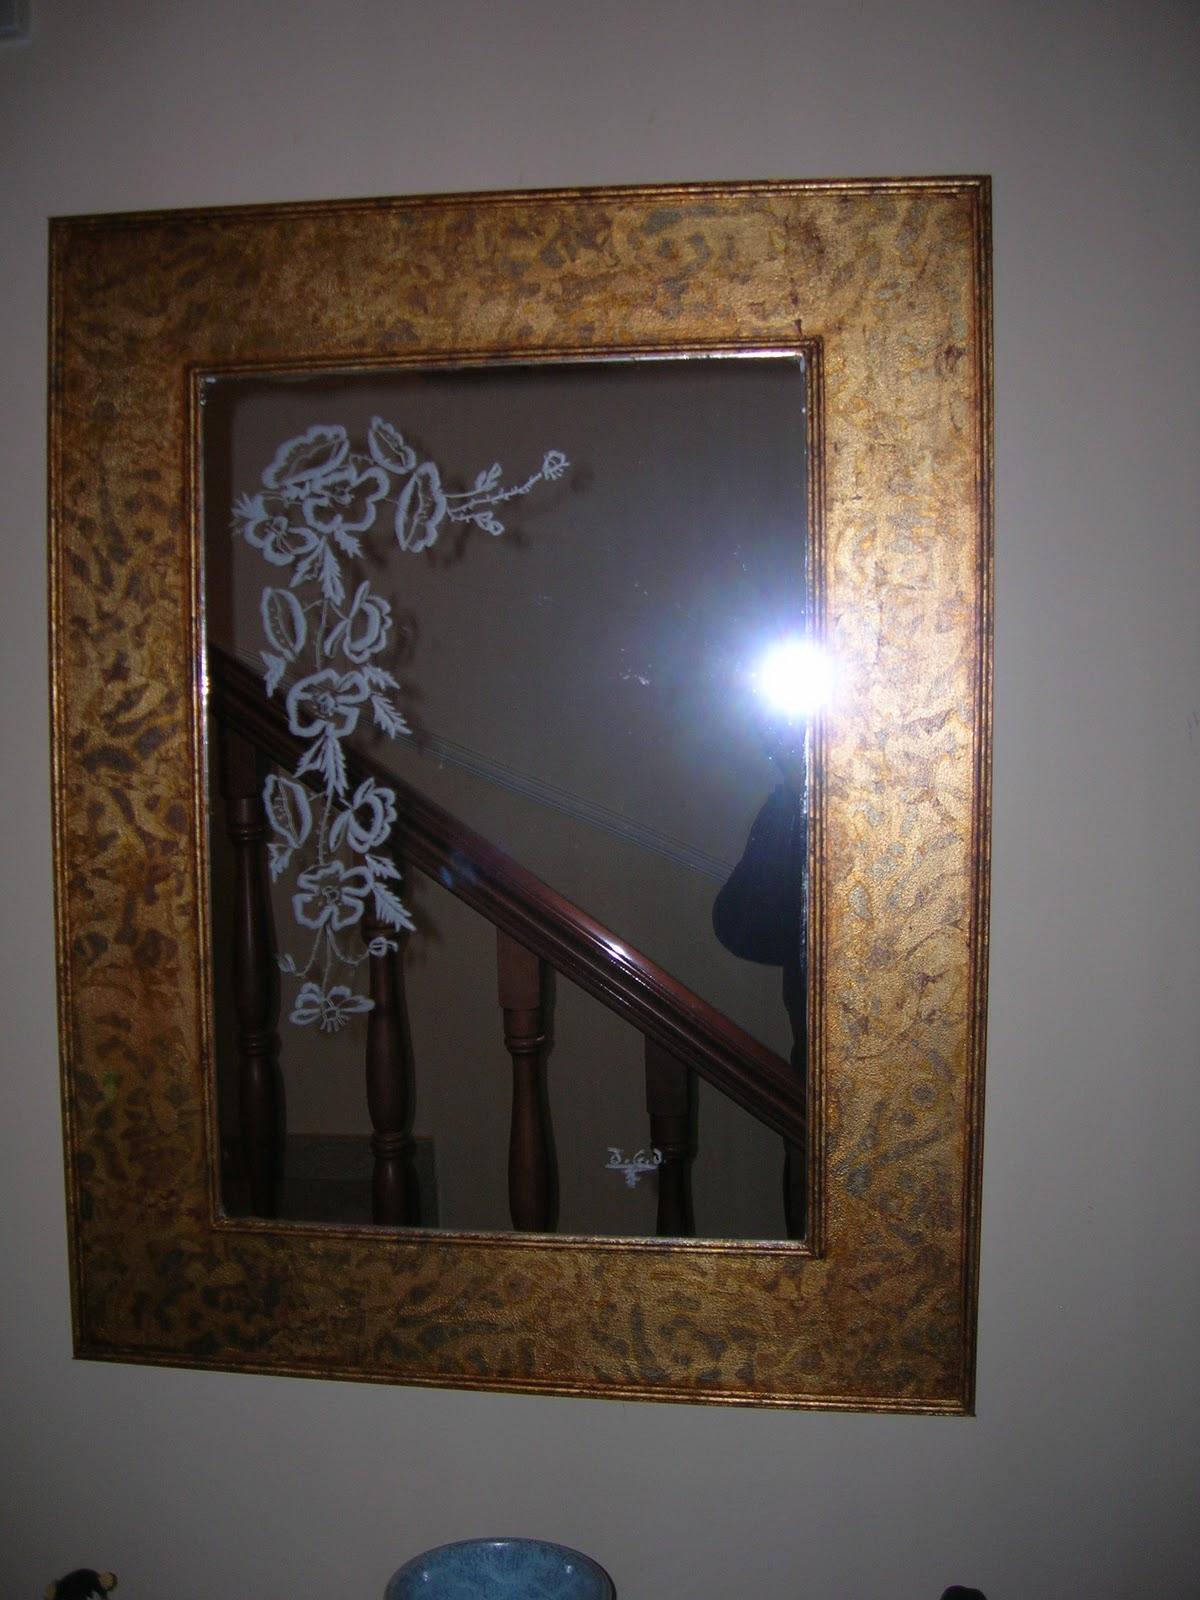 El rac dels divendres espejos de pared - Espejos para pared ...